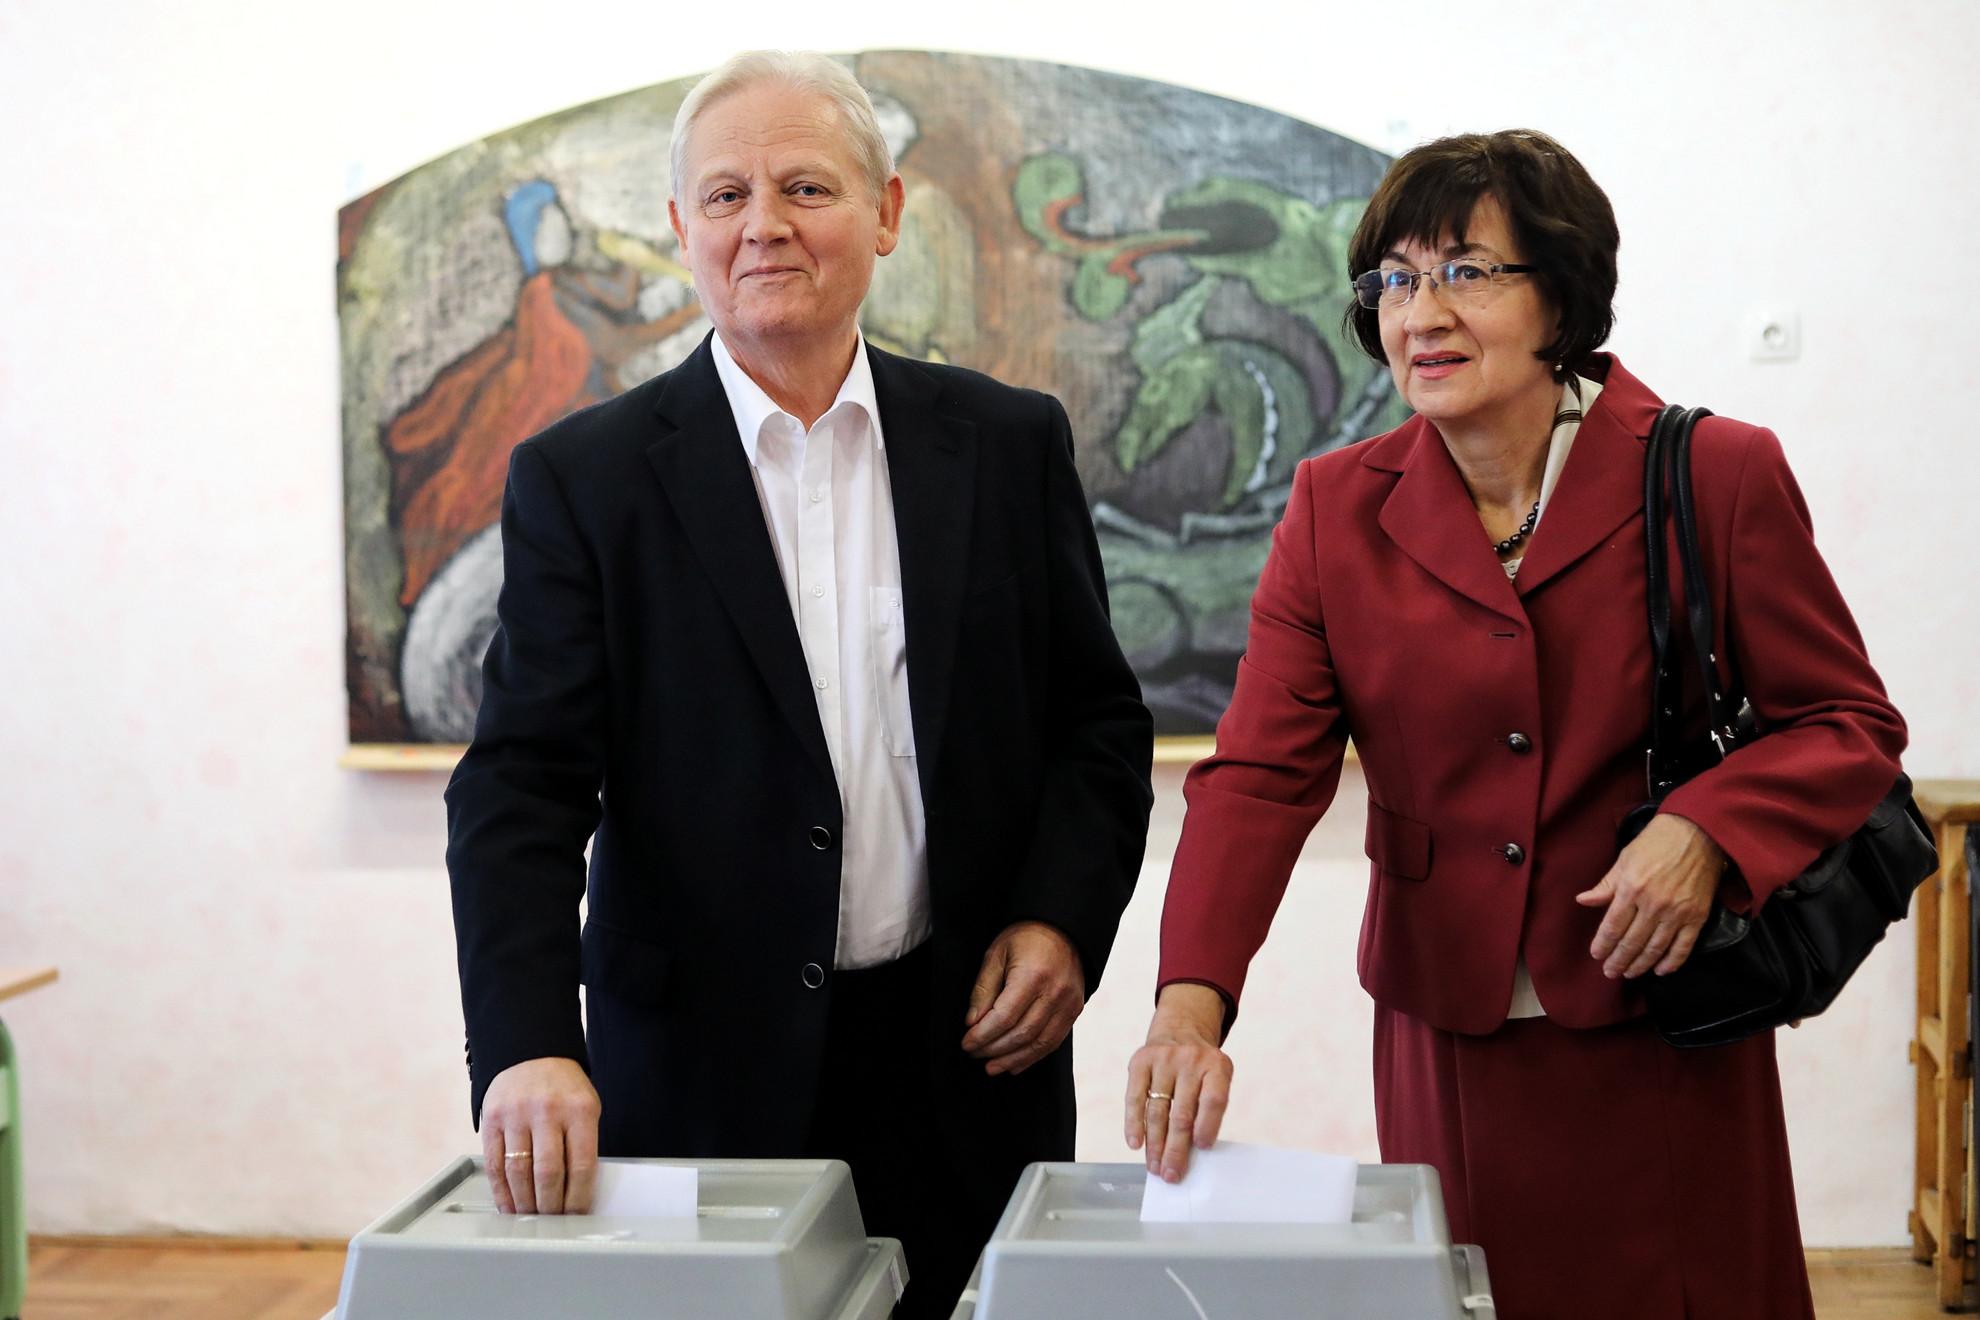 Tarlós István és felesége leadják szavazatukat